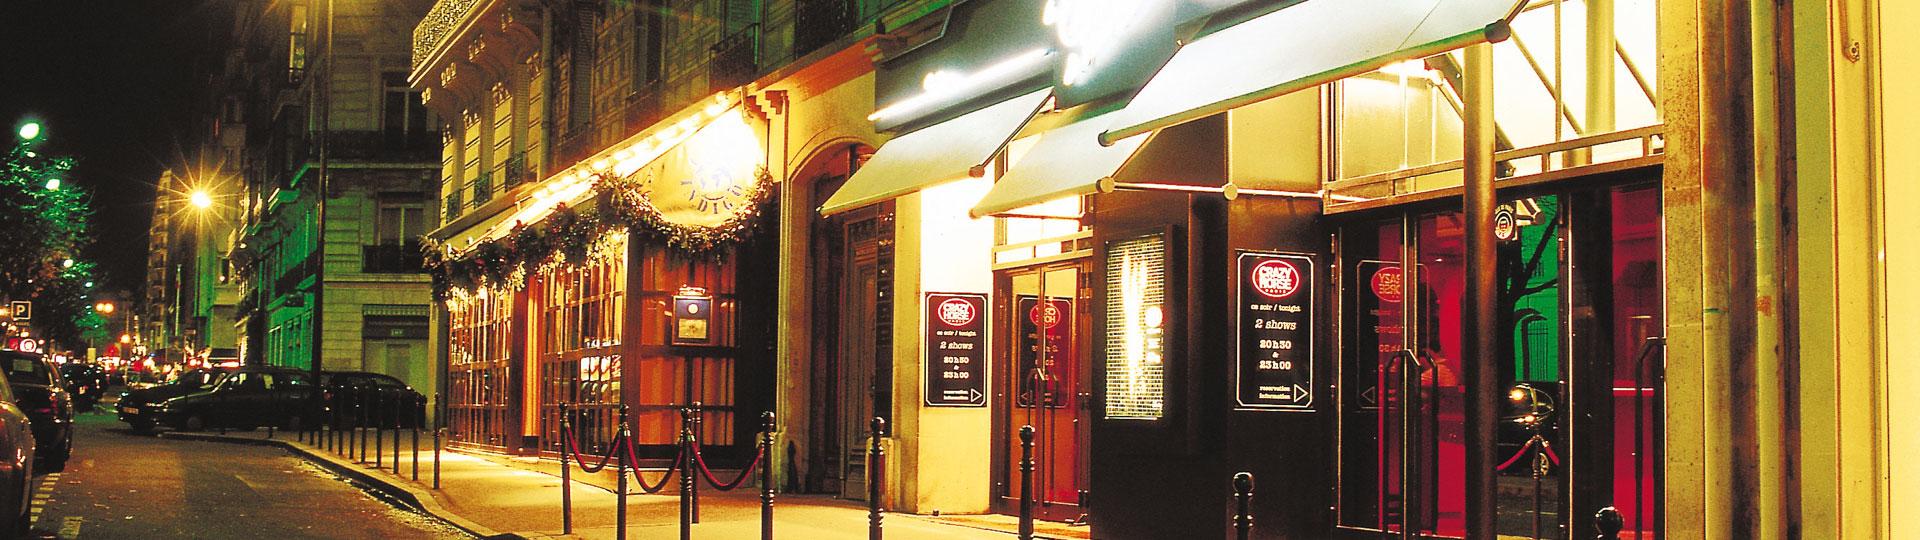 Visites insolites à Paris - sélection de notre hôtel